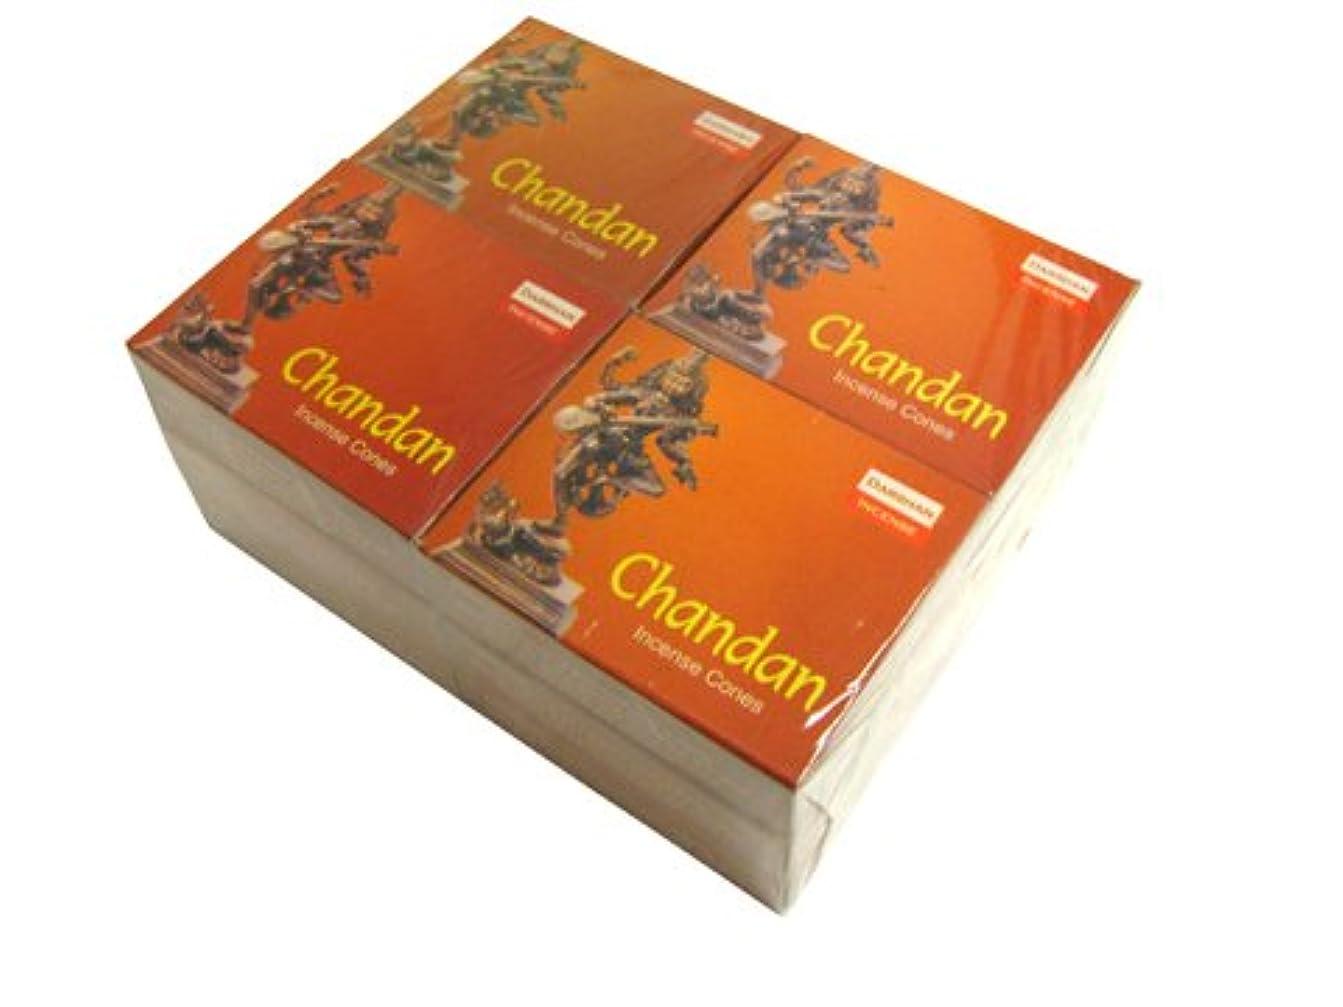 洗う急ぐ人形DARSHAN(ダルシャン) チャンダン香 コーンタイプ CHANDAN CORN 12箱セット